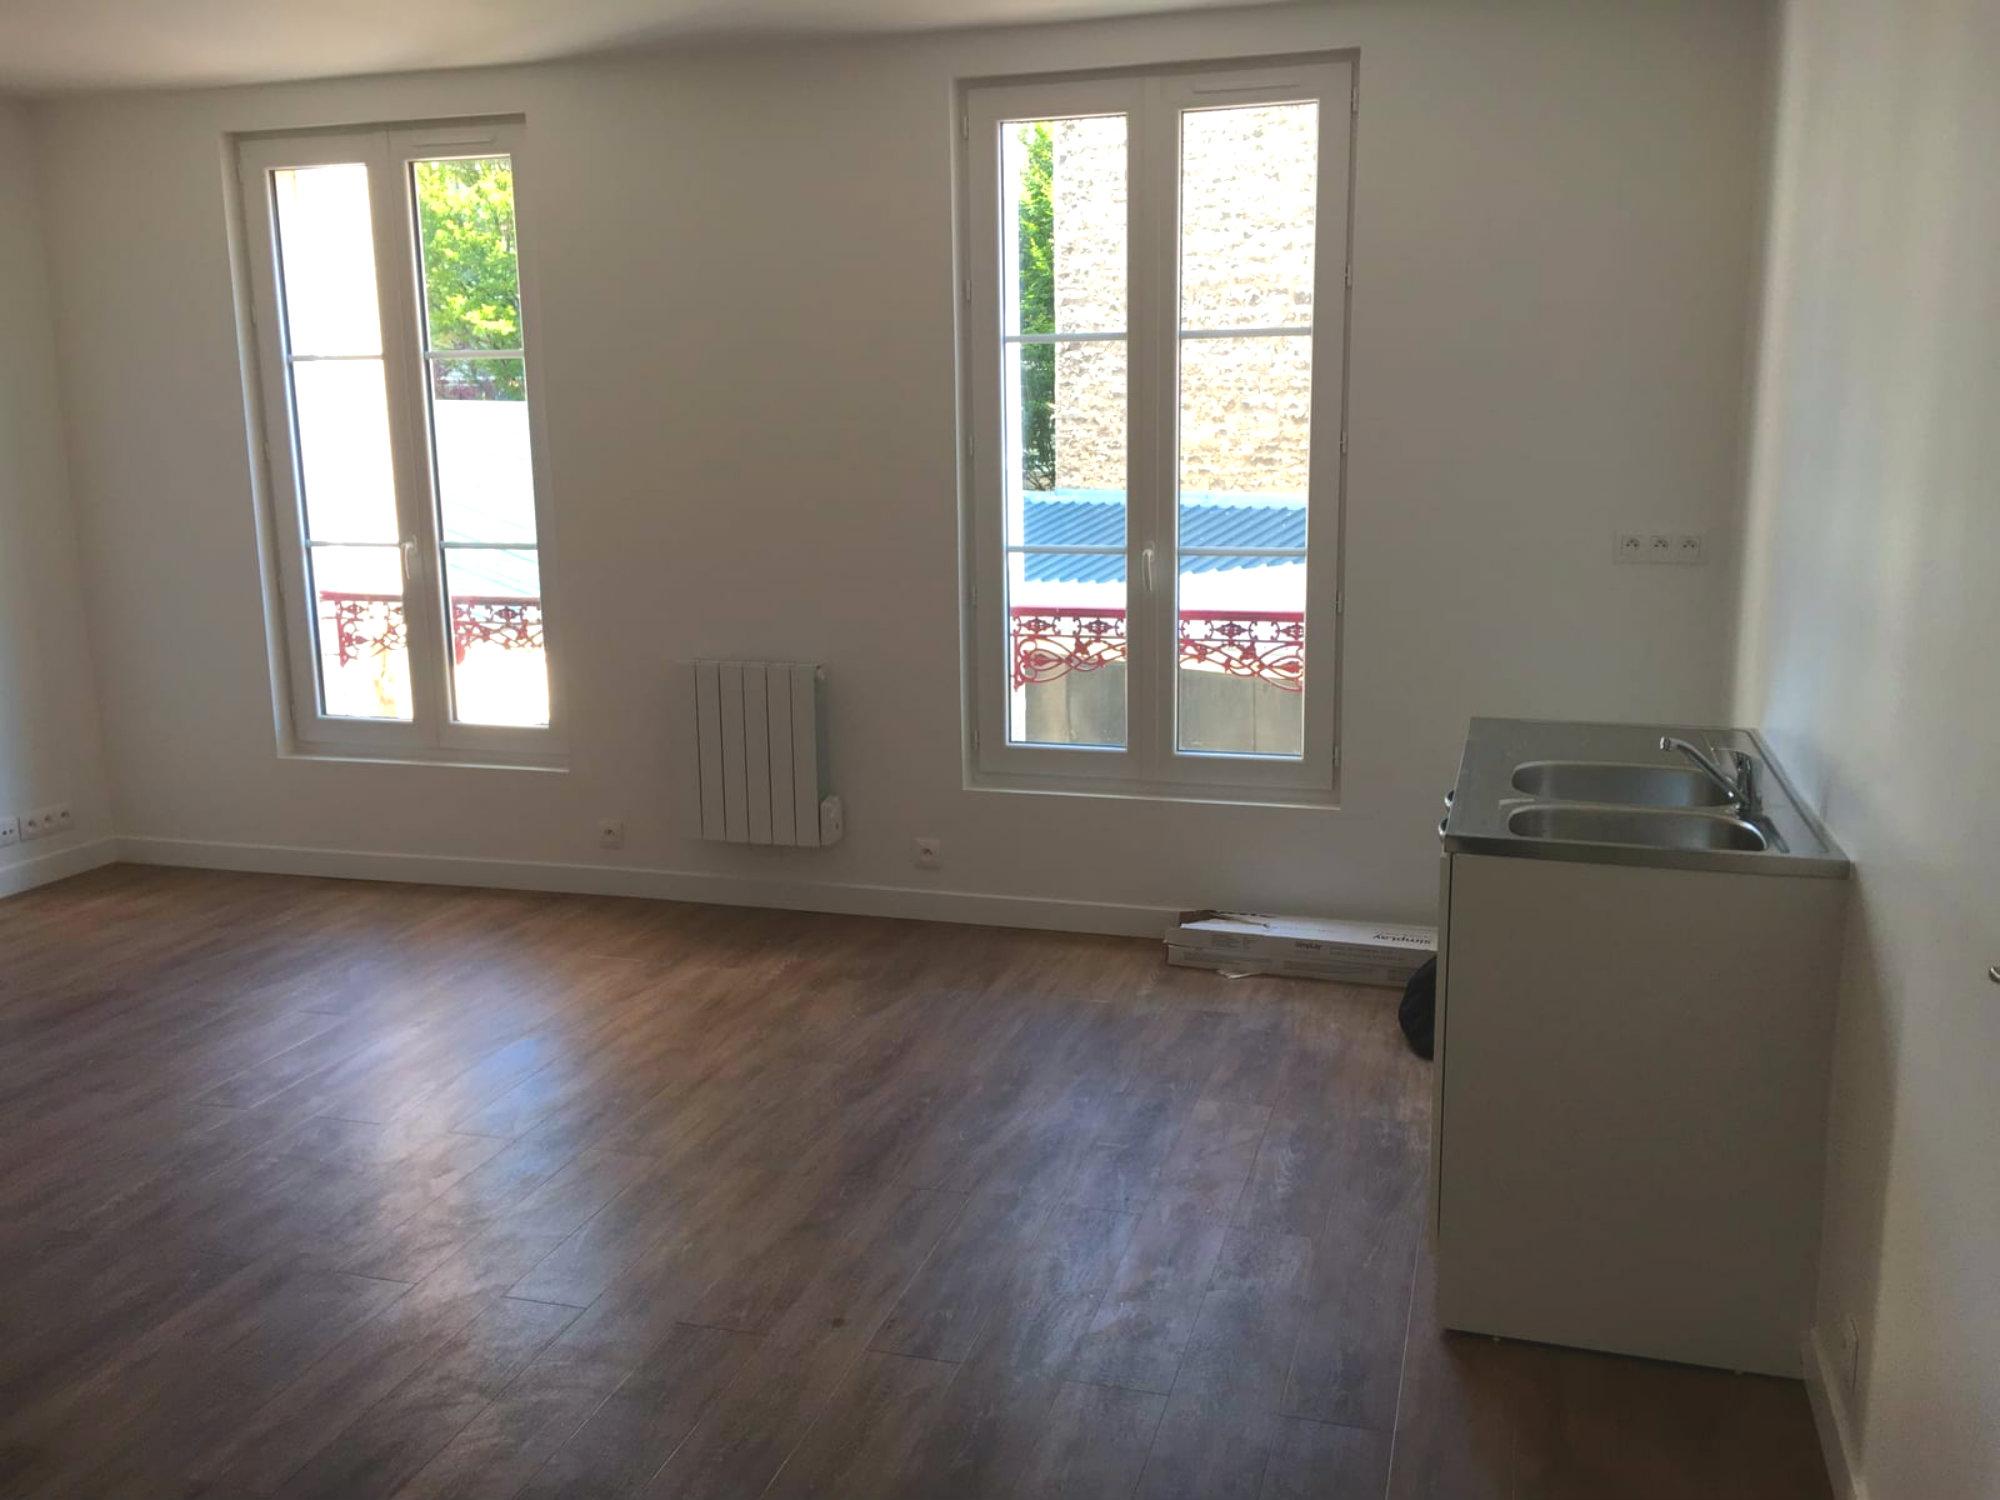 2017 Issy Les Moulineaux travaux renovation appartement avant location_Eolh btp france_BD